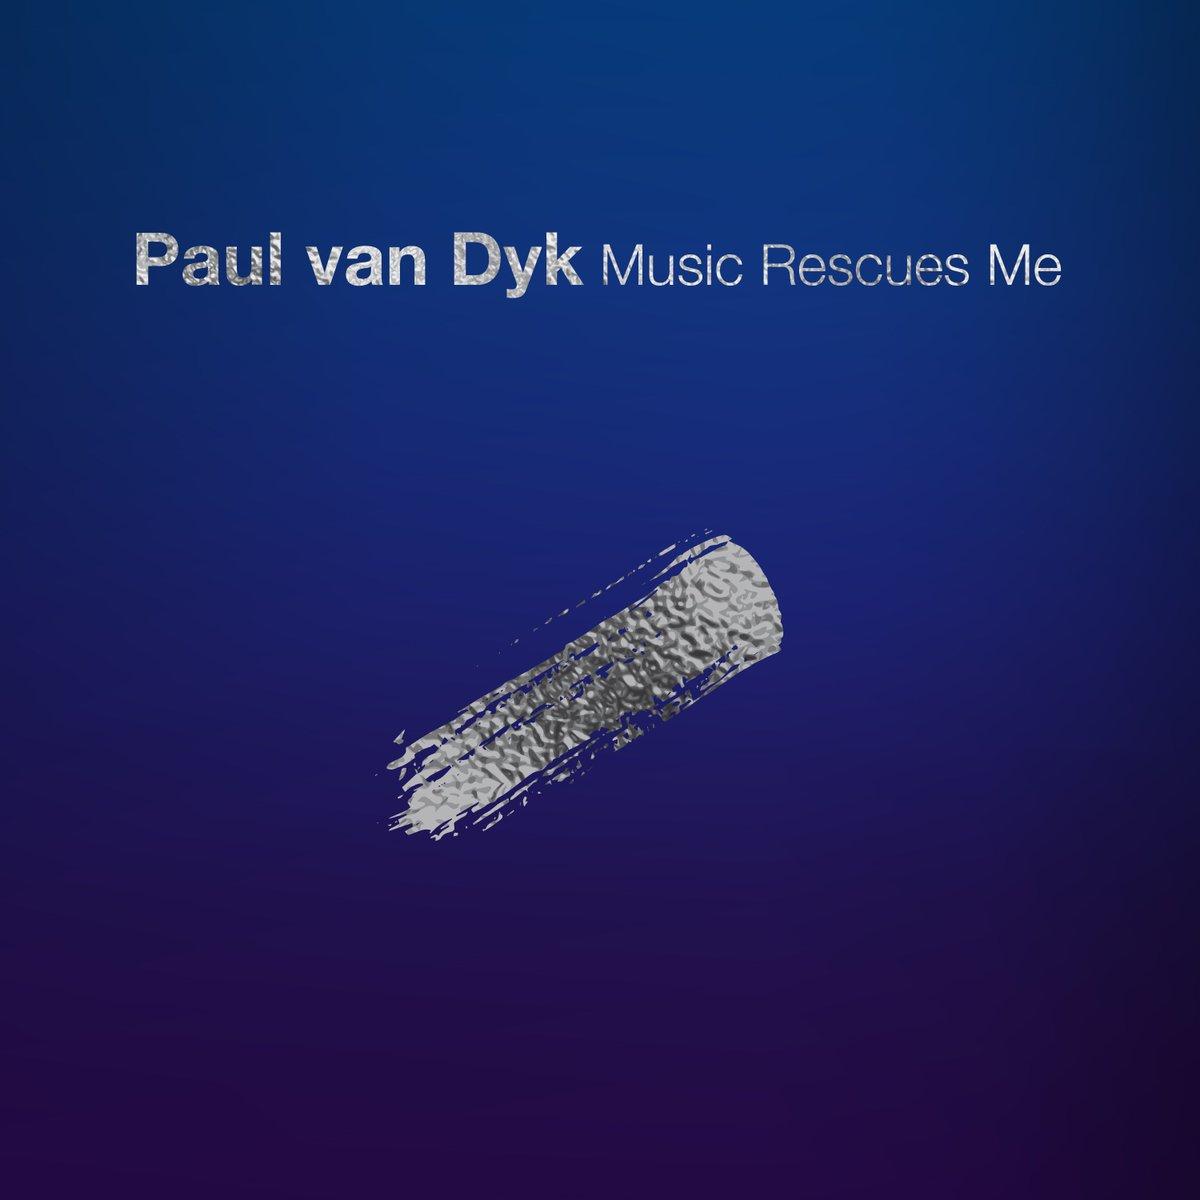 PAUL VAN DYK 'MUSIC RESCUES ME' ile ilgili görsel sonucu